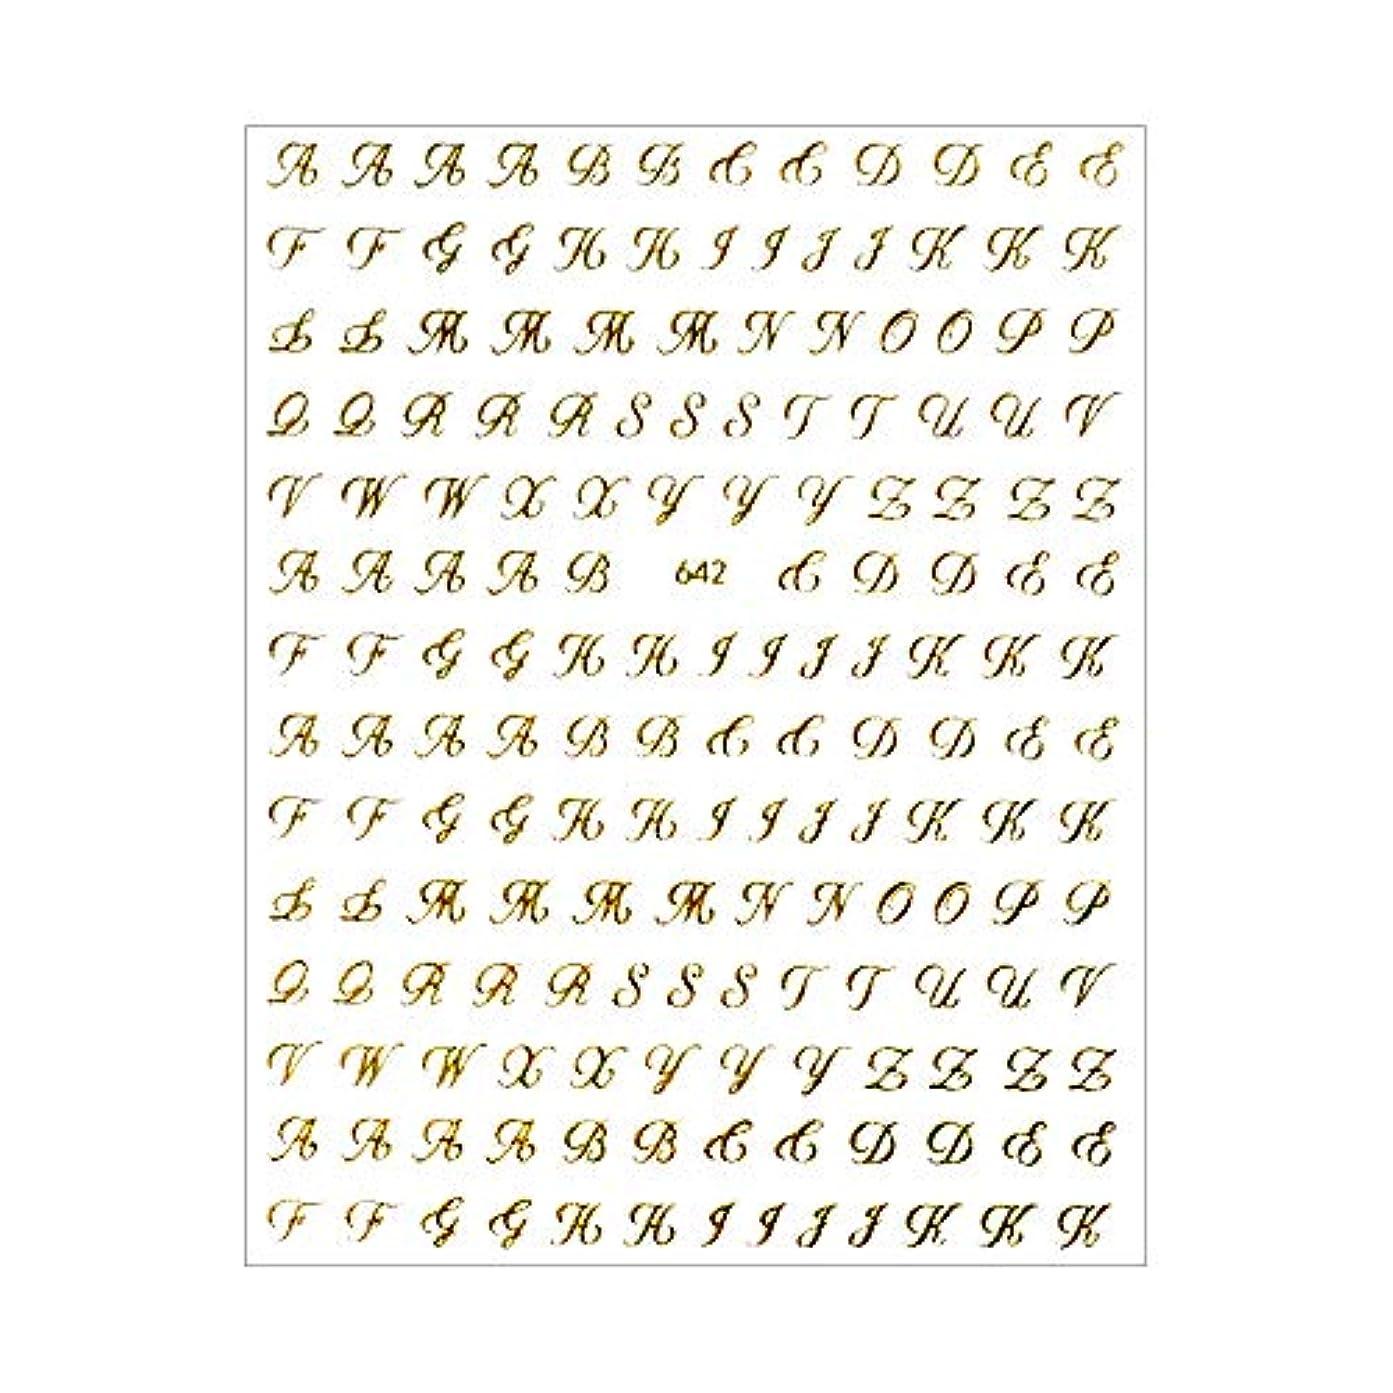 満たす残りきょうだいネイルシール【貼るタイプ】スクリプト体アルファベットシール【642】 スクリプト体アルファベットシール【ゴールド】アルファベット 筆記体 スクリプト体 英字 イニシャル